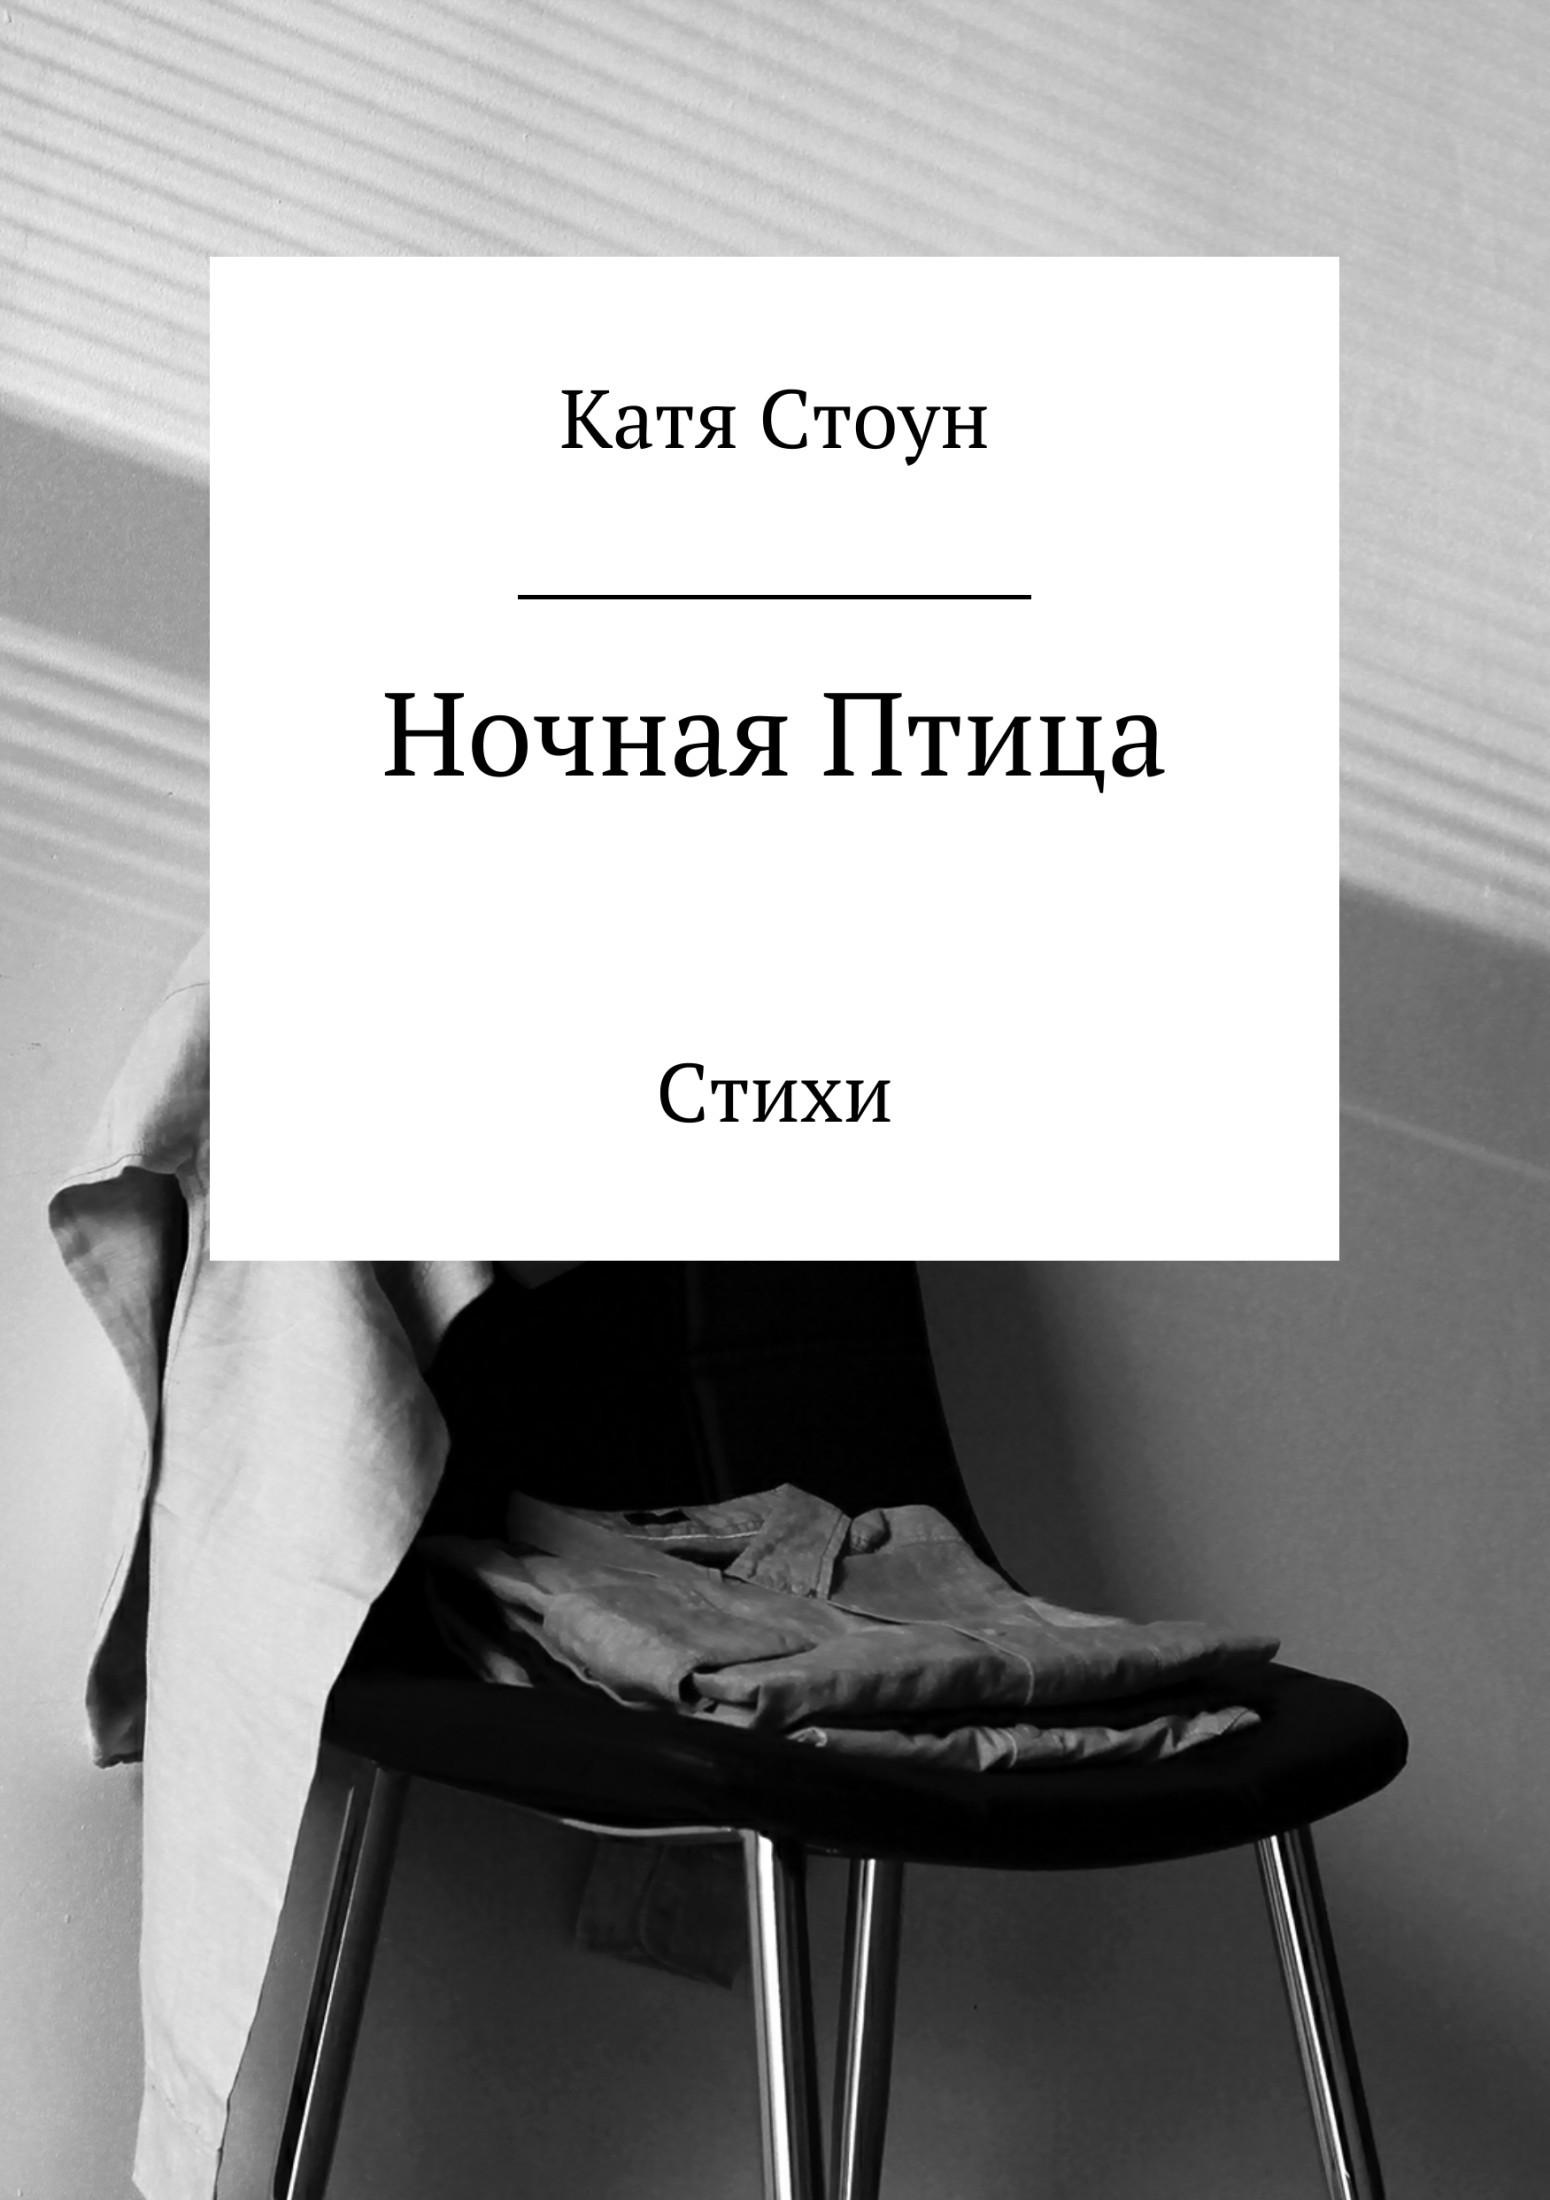 Катя Стоун Ночная птица. Сборник стихотворений рахманин б русская ночная жизнь